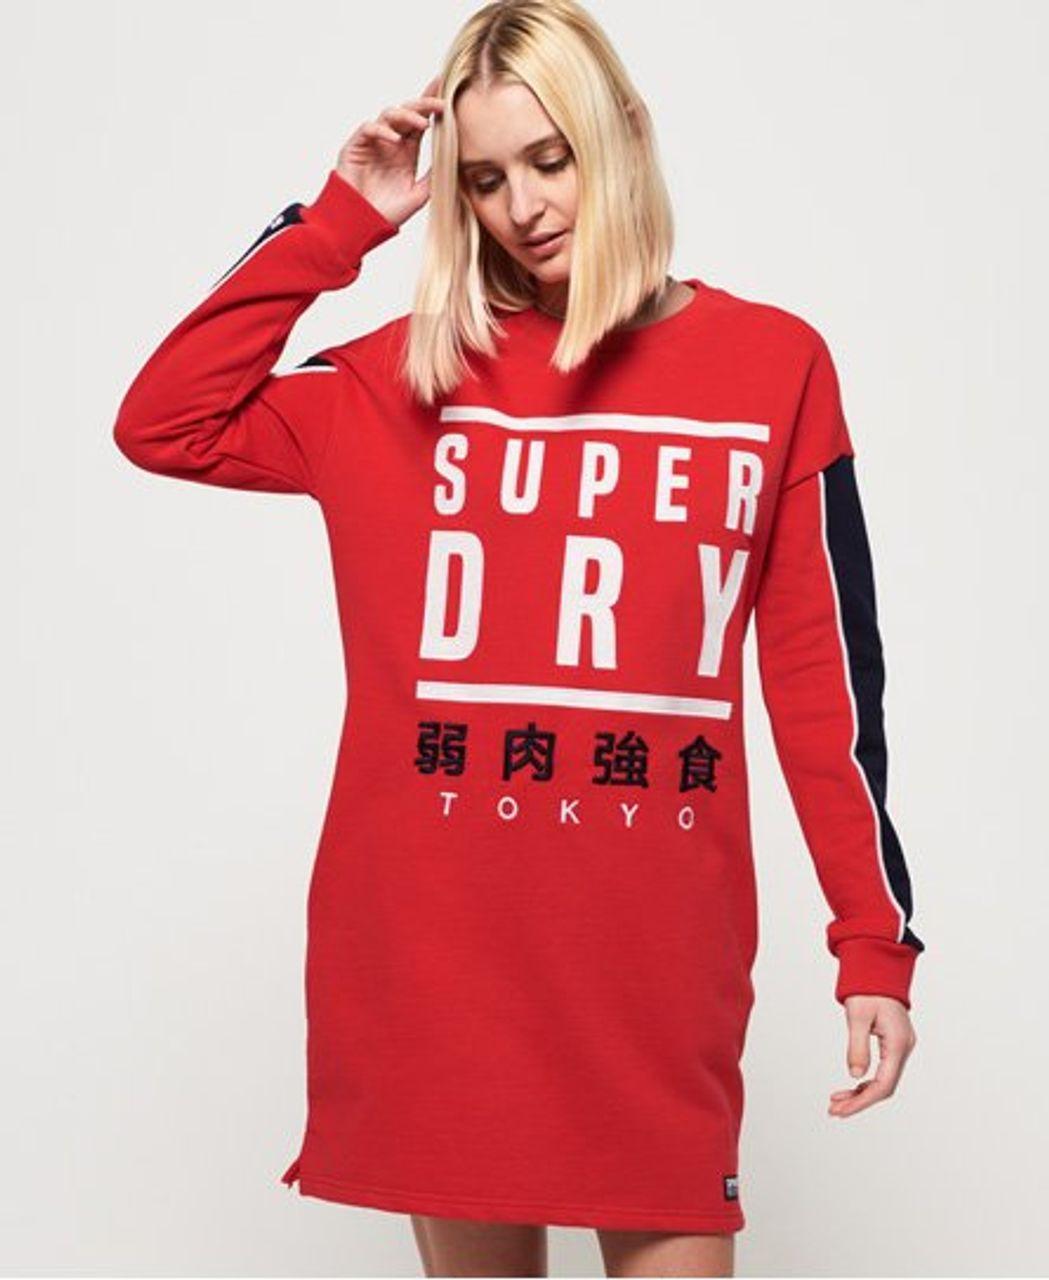 Superdry Sweatkleid Mit Grafikeinsatz 2144236000349N4L028